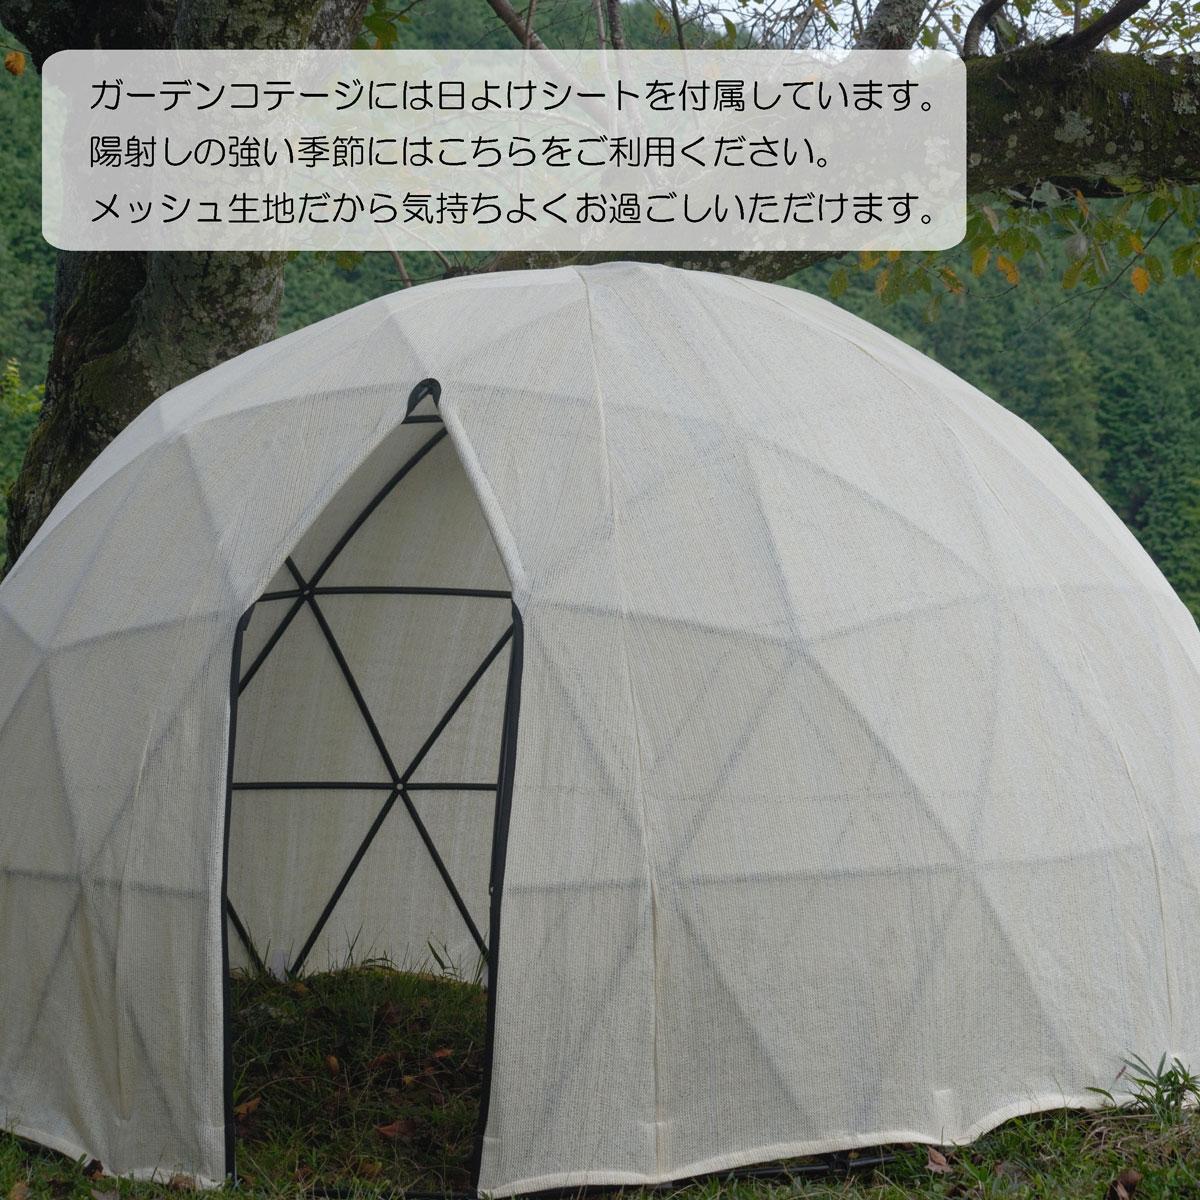 ガーデンコテージ  (スモール)/ホワイト   Φ2.4*1.4m